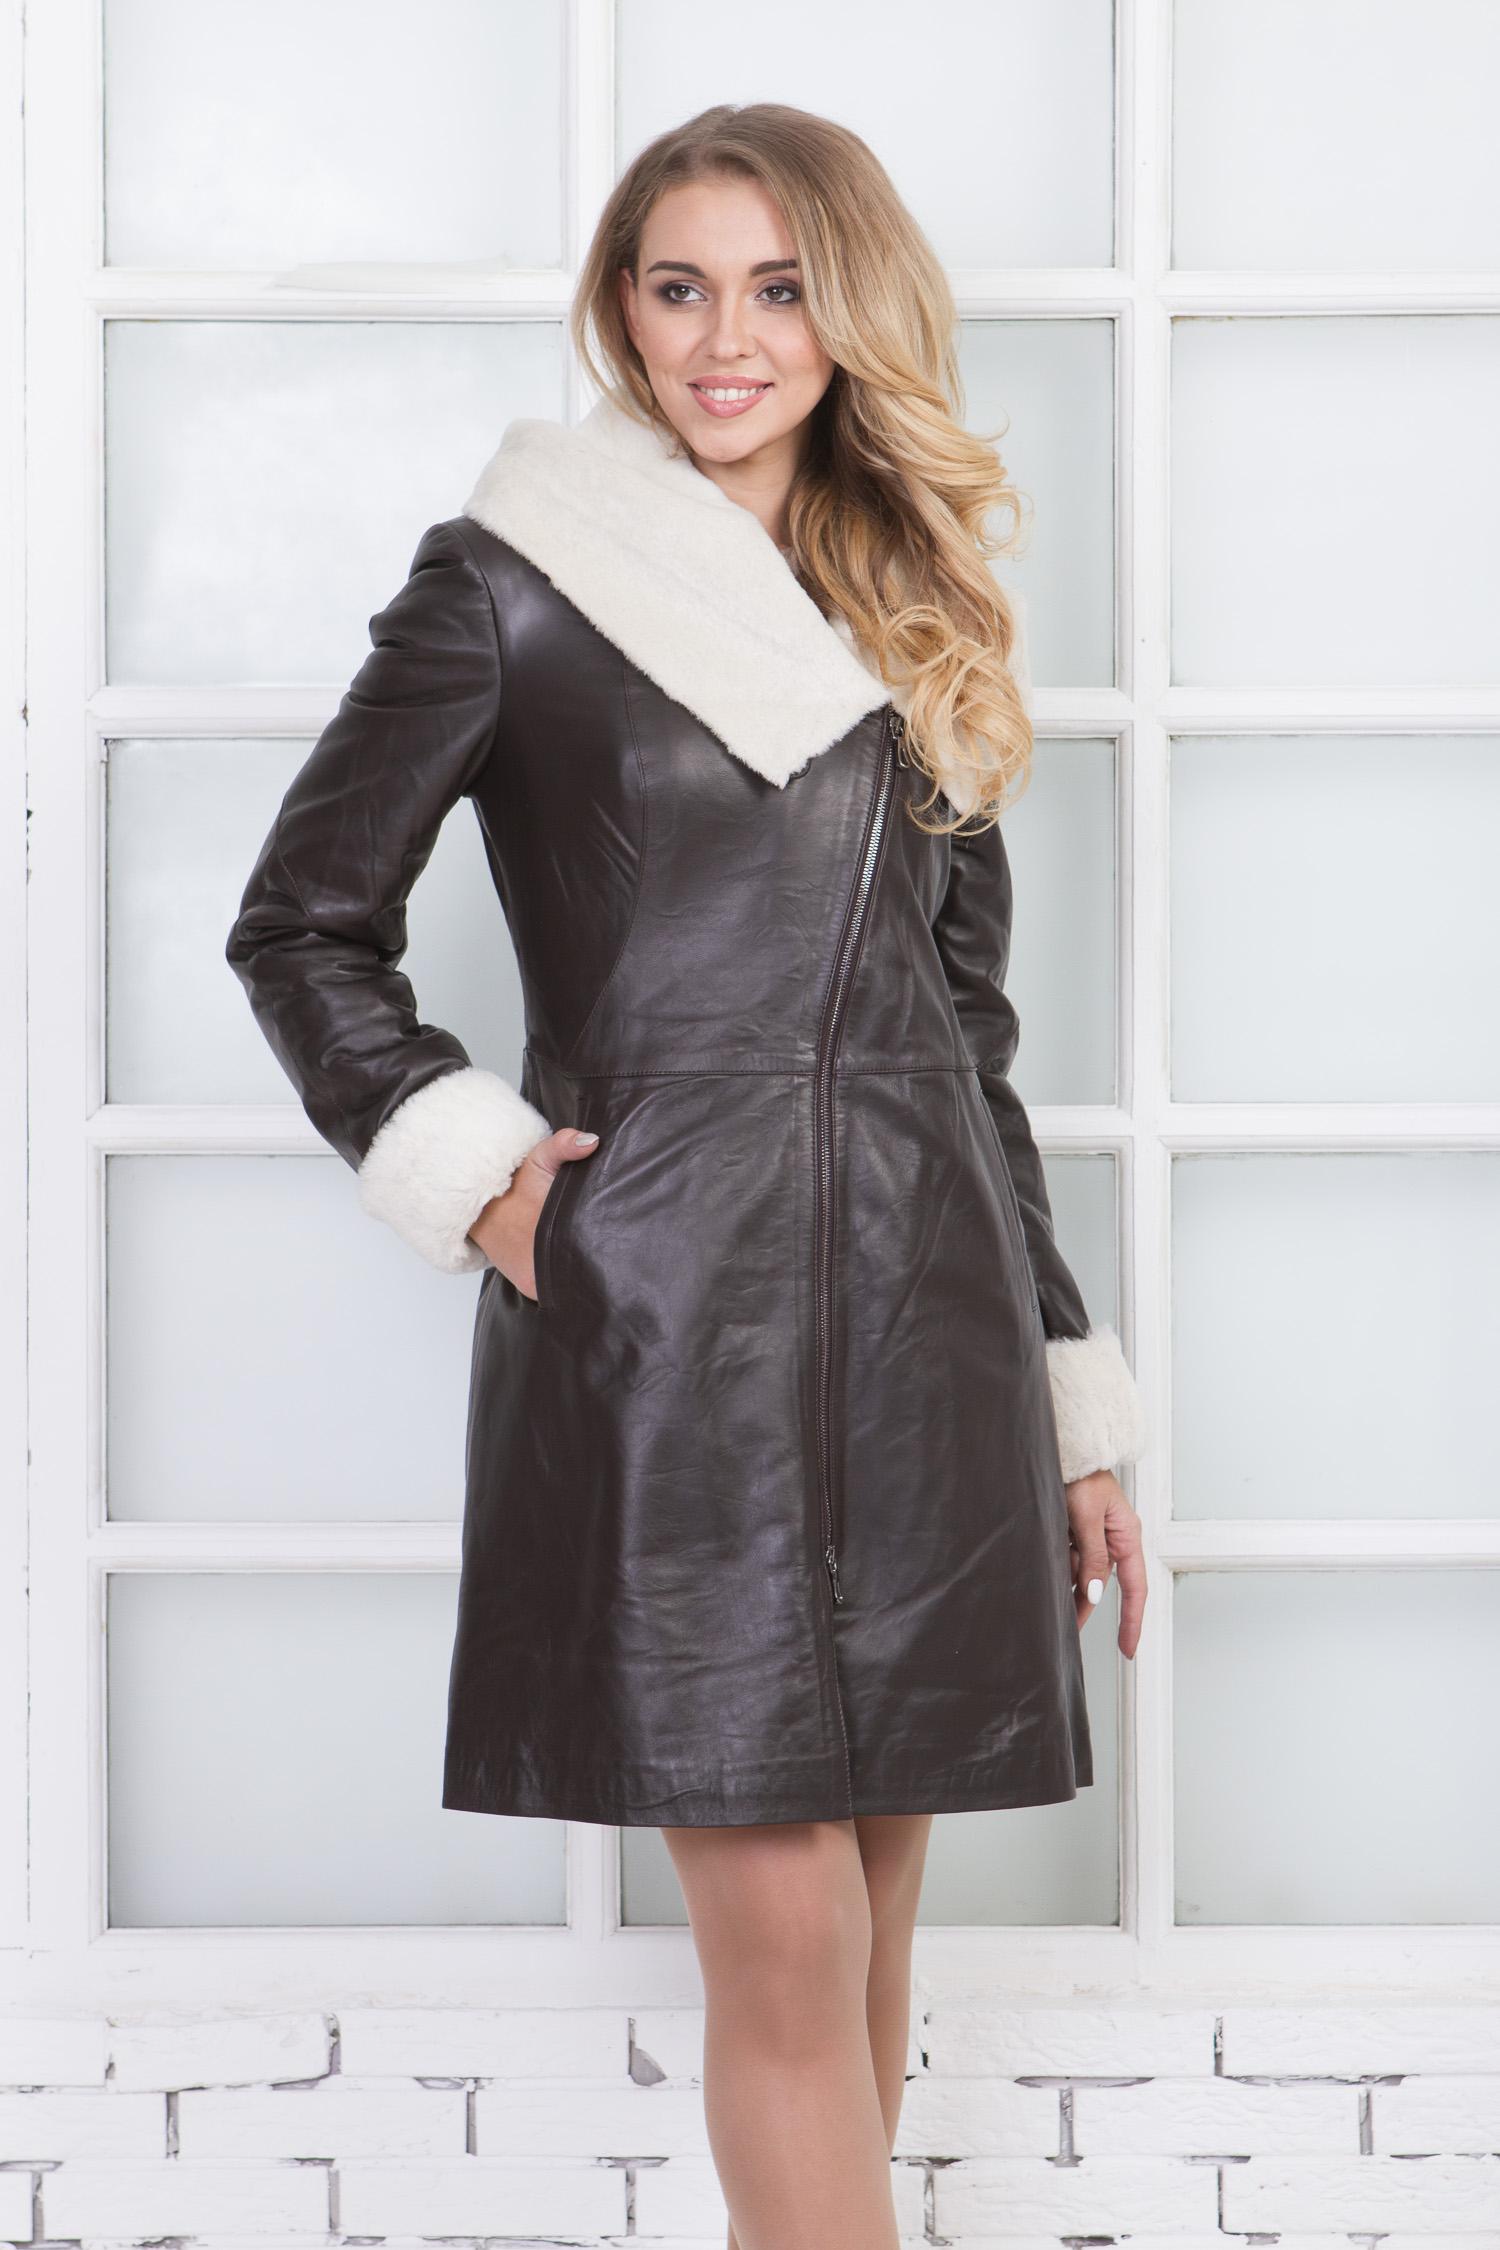 Женское кожаное пальто из натуральной овчины на меху с капюшоном, без отделки